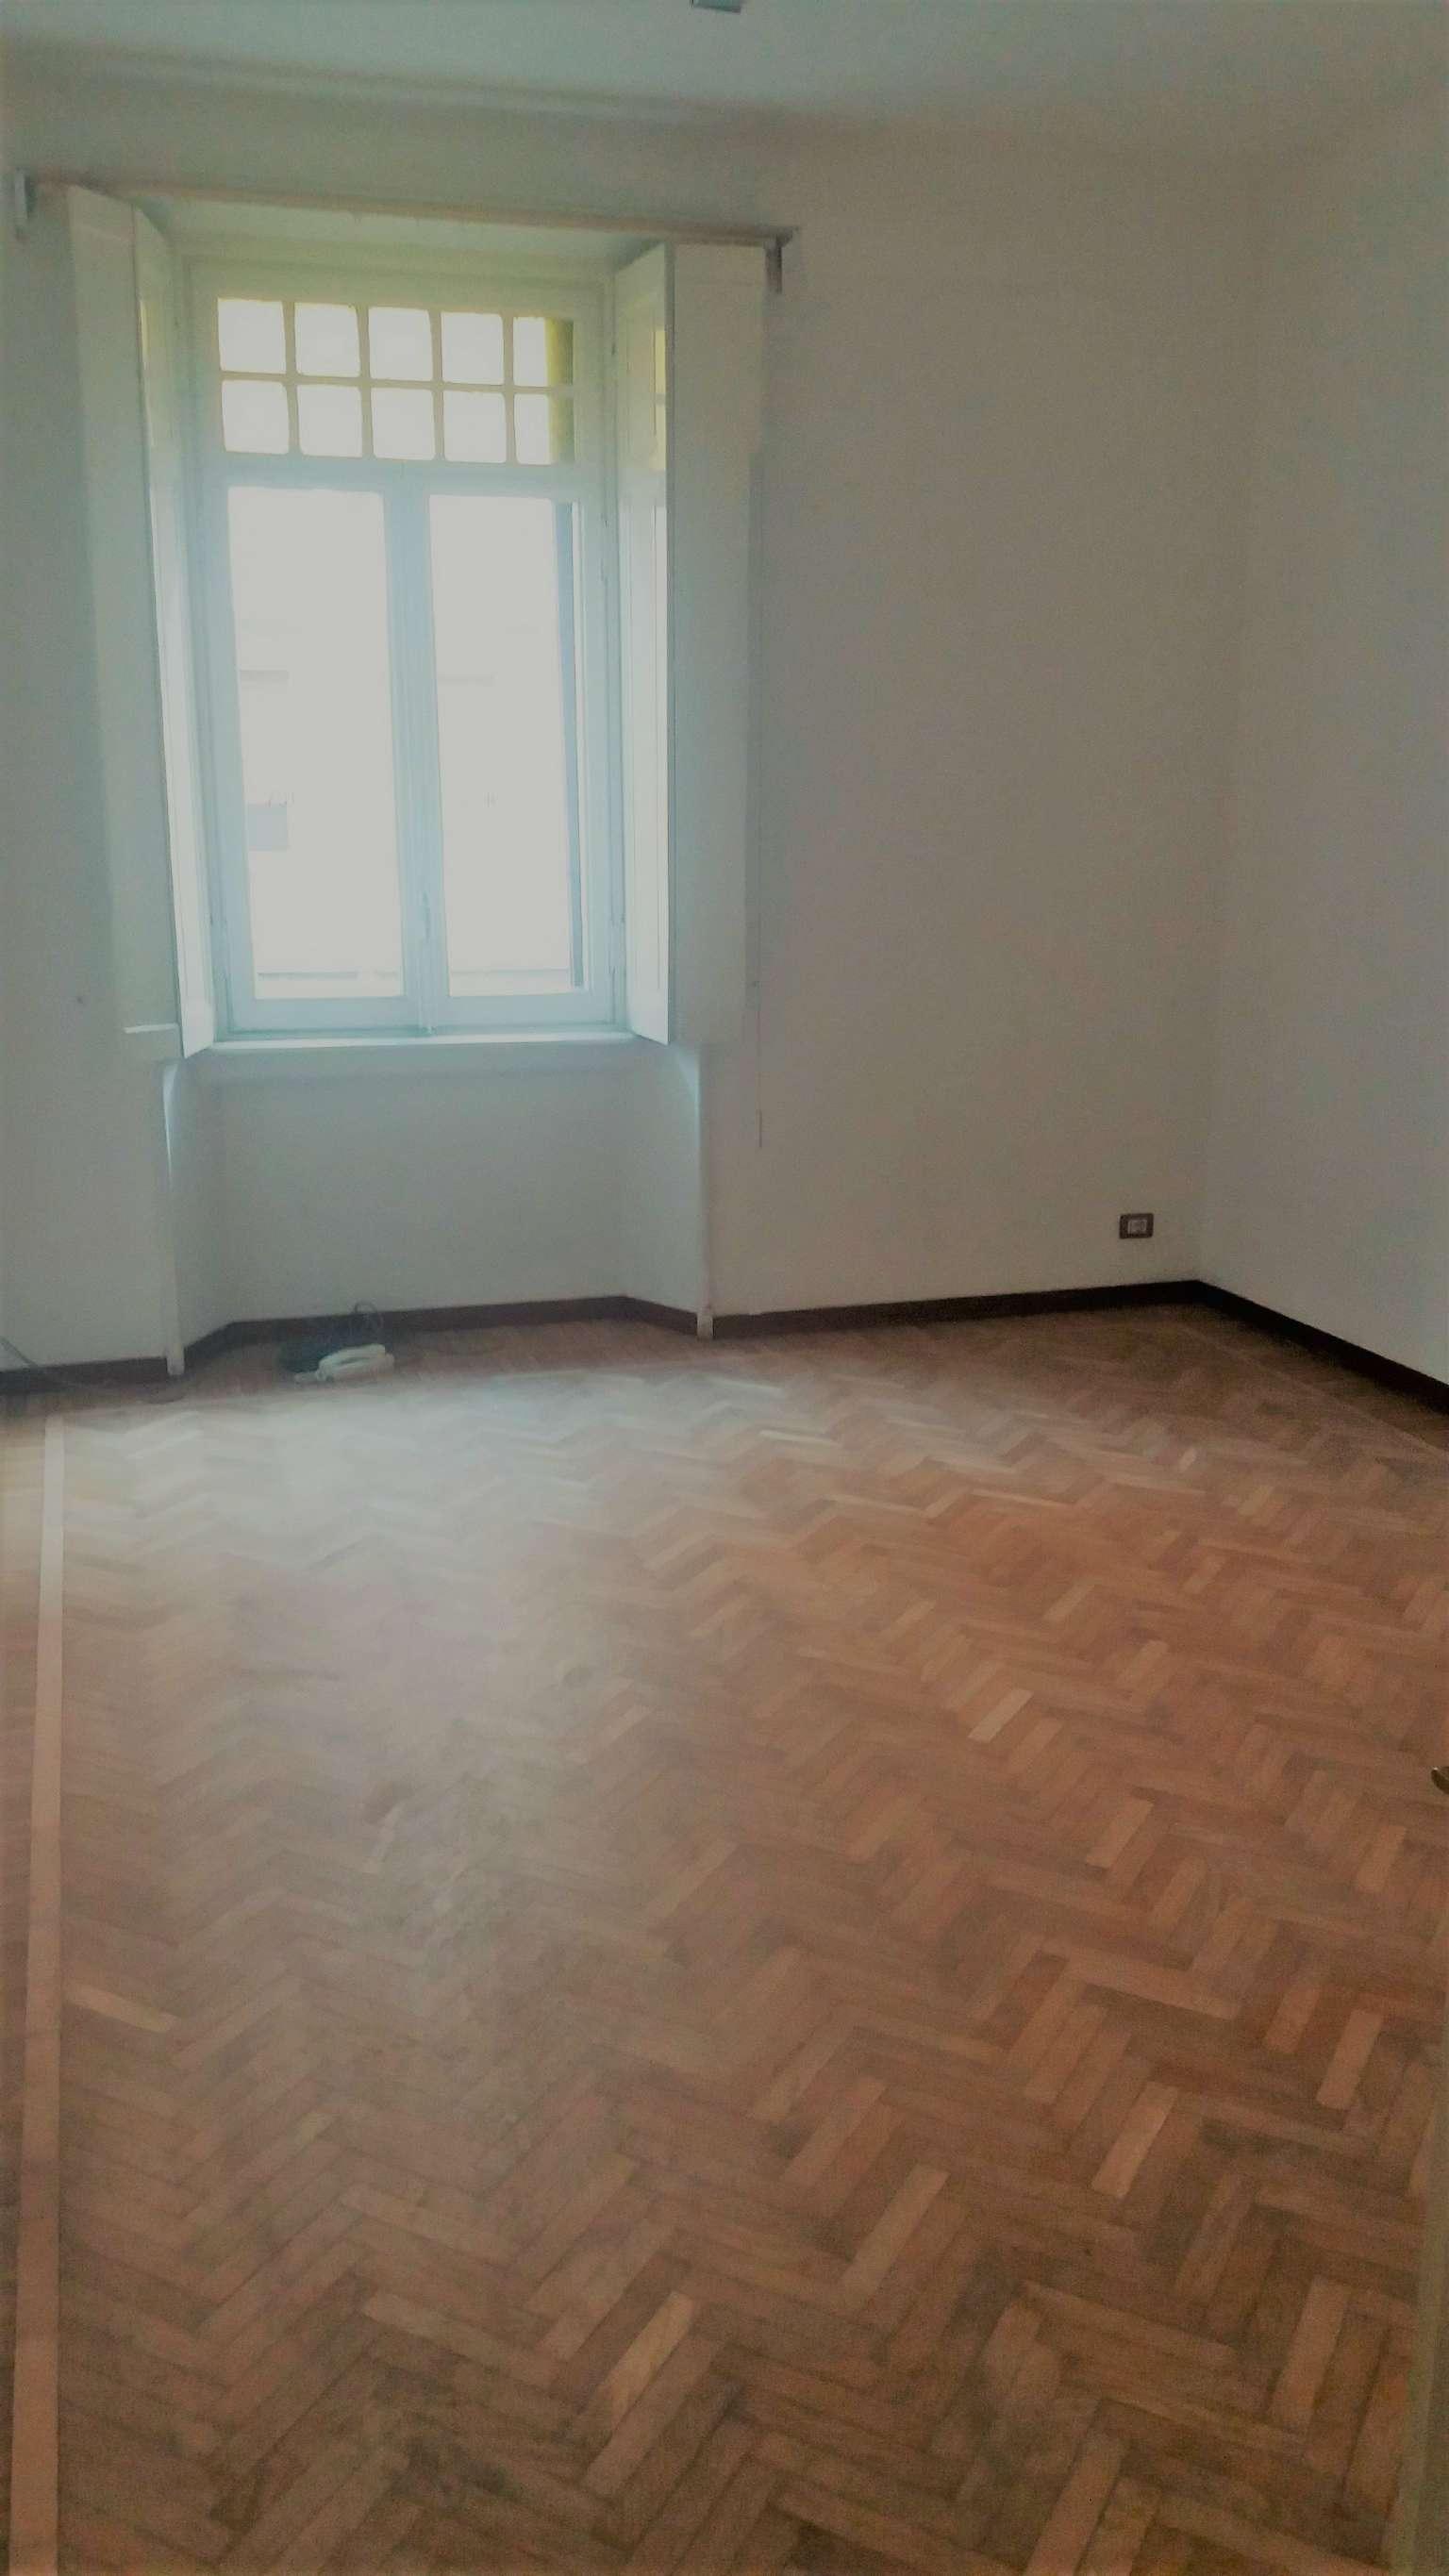 Ufficio / Studio in affitto a Varese, 5 locali, prezzo € 800 | Cambio Casa.it